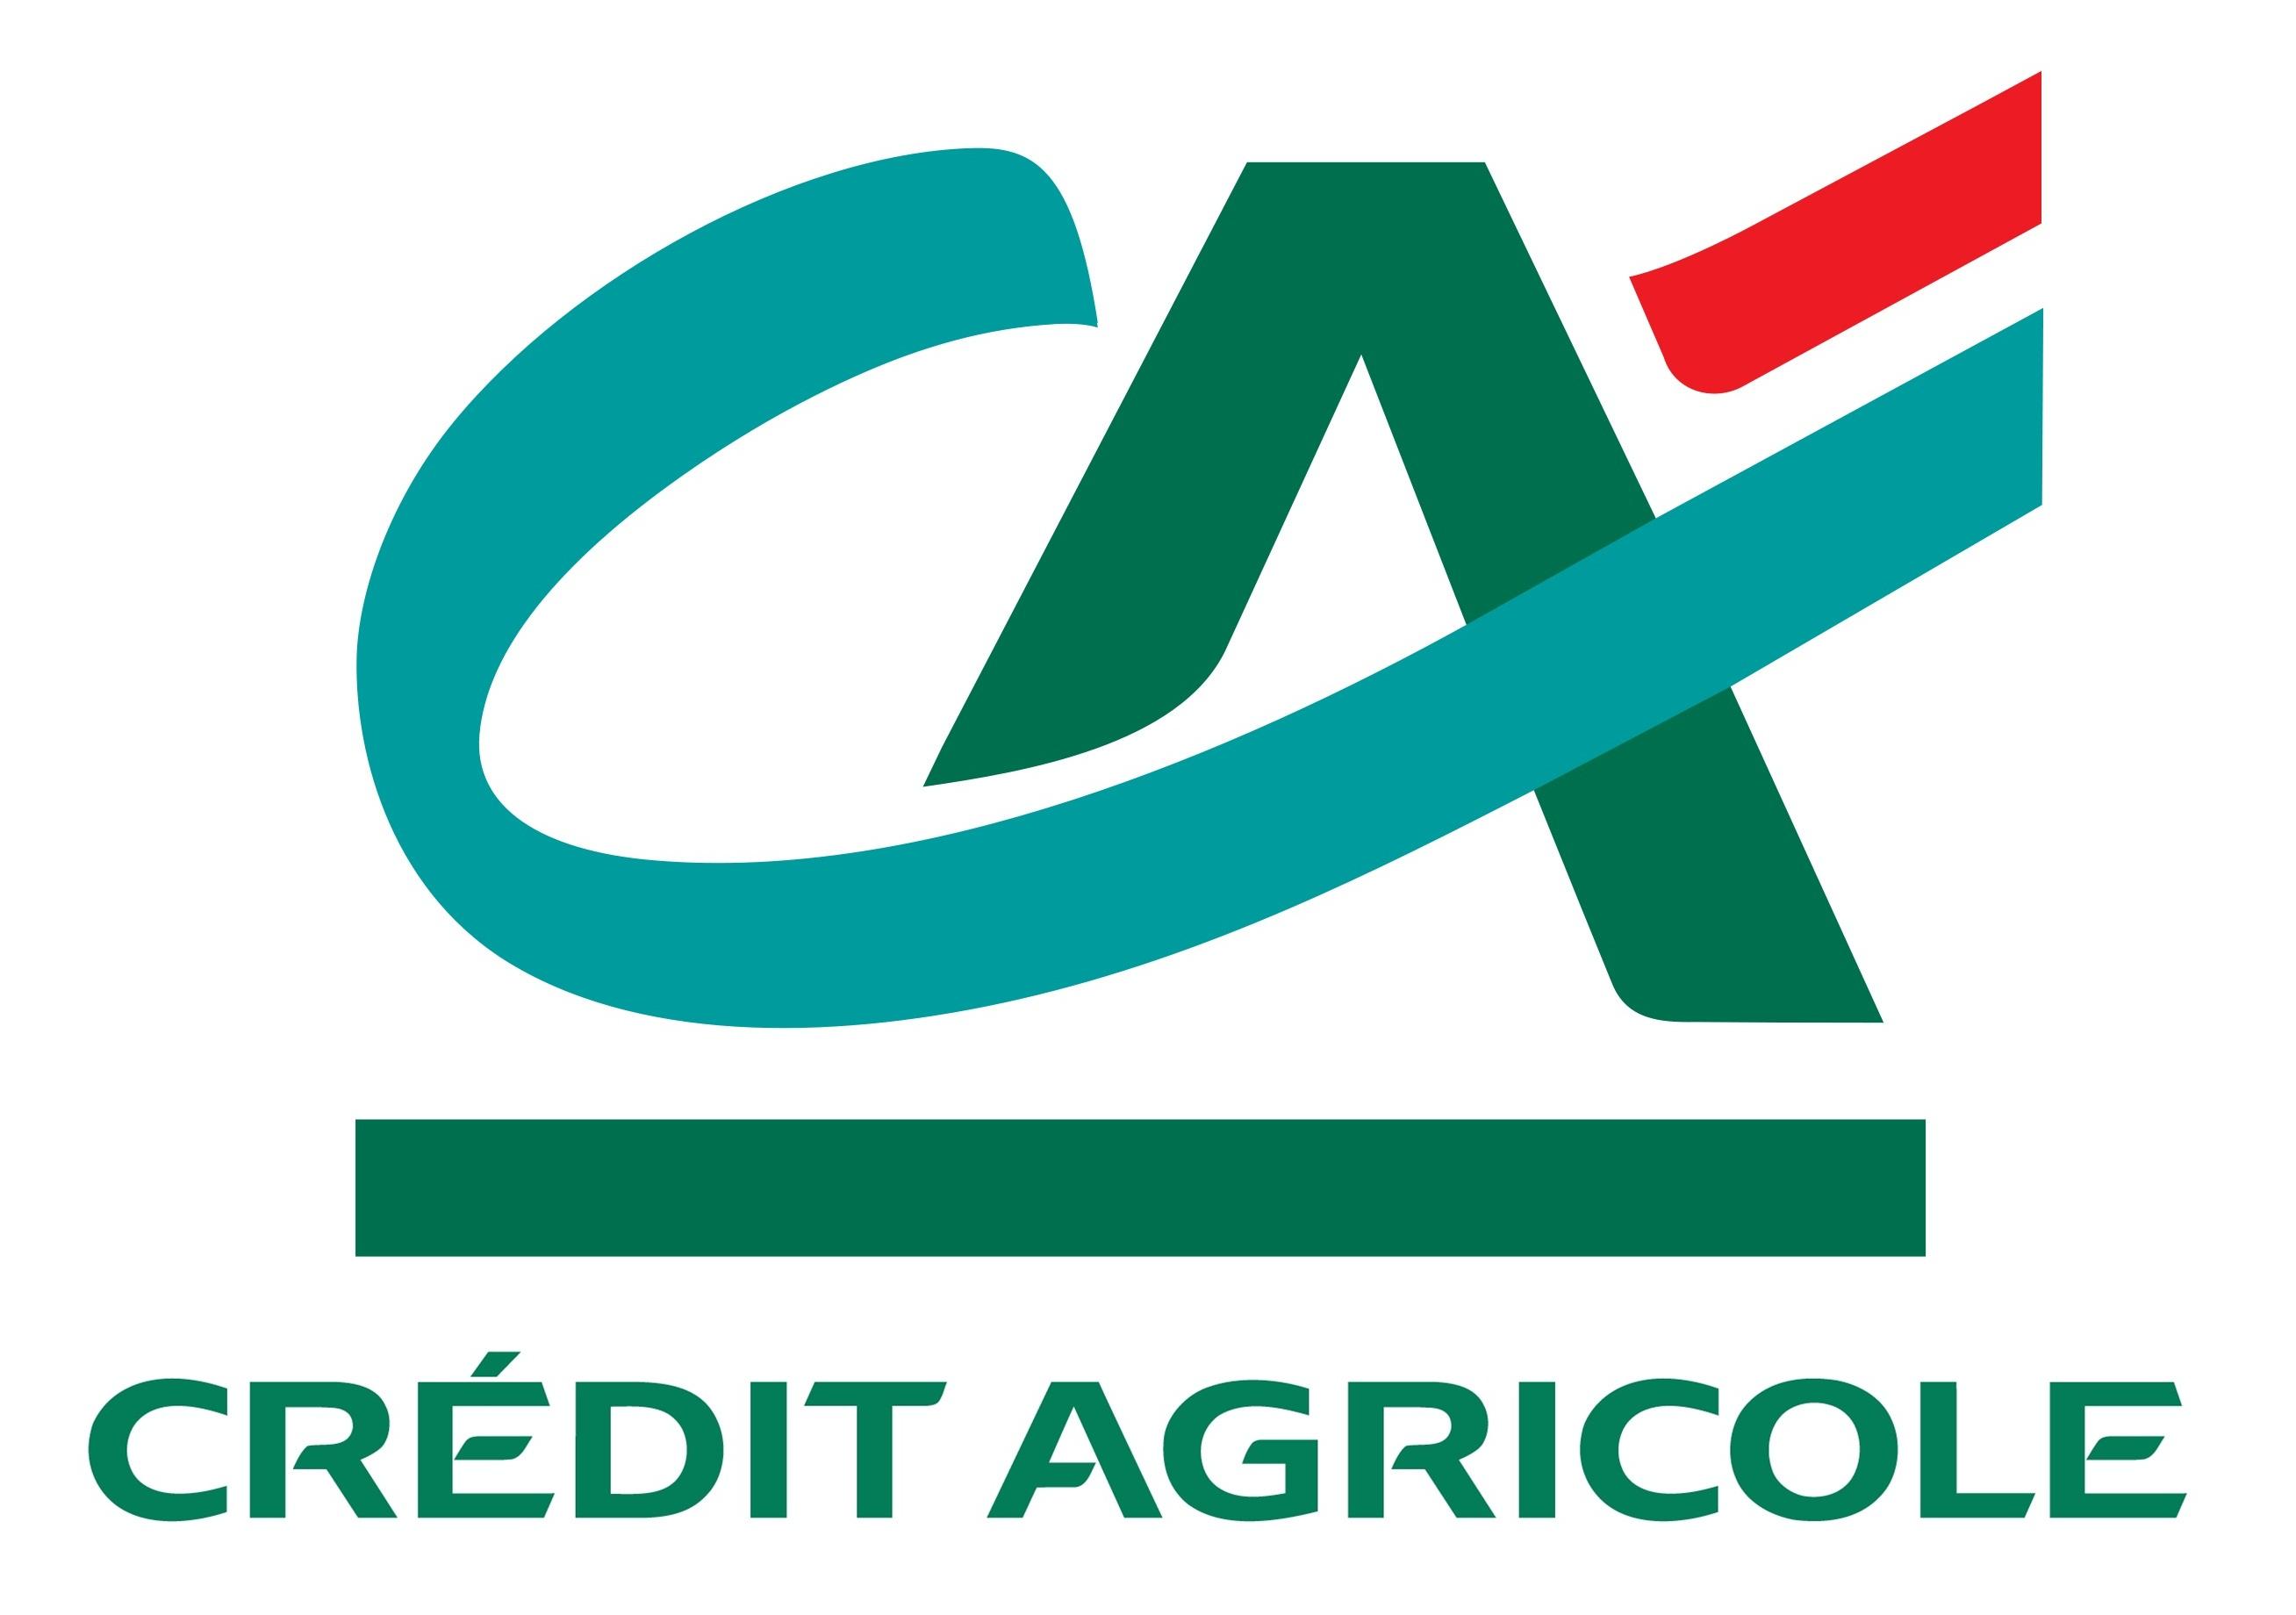 On-line keš kredit Crédit Agricole banke: Do novca na računu za manje od 15 minuta